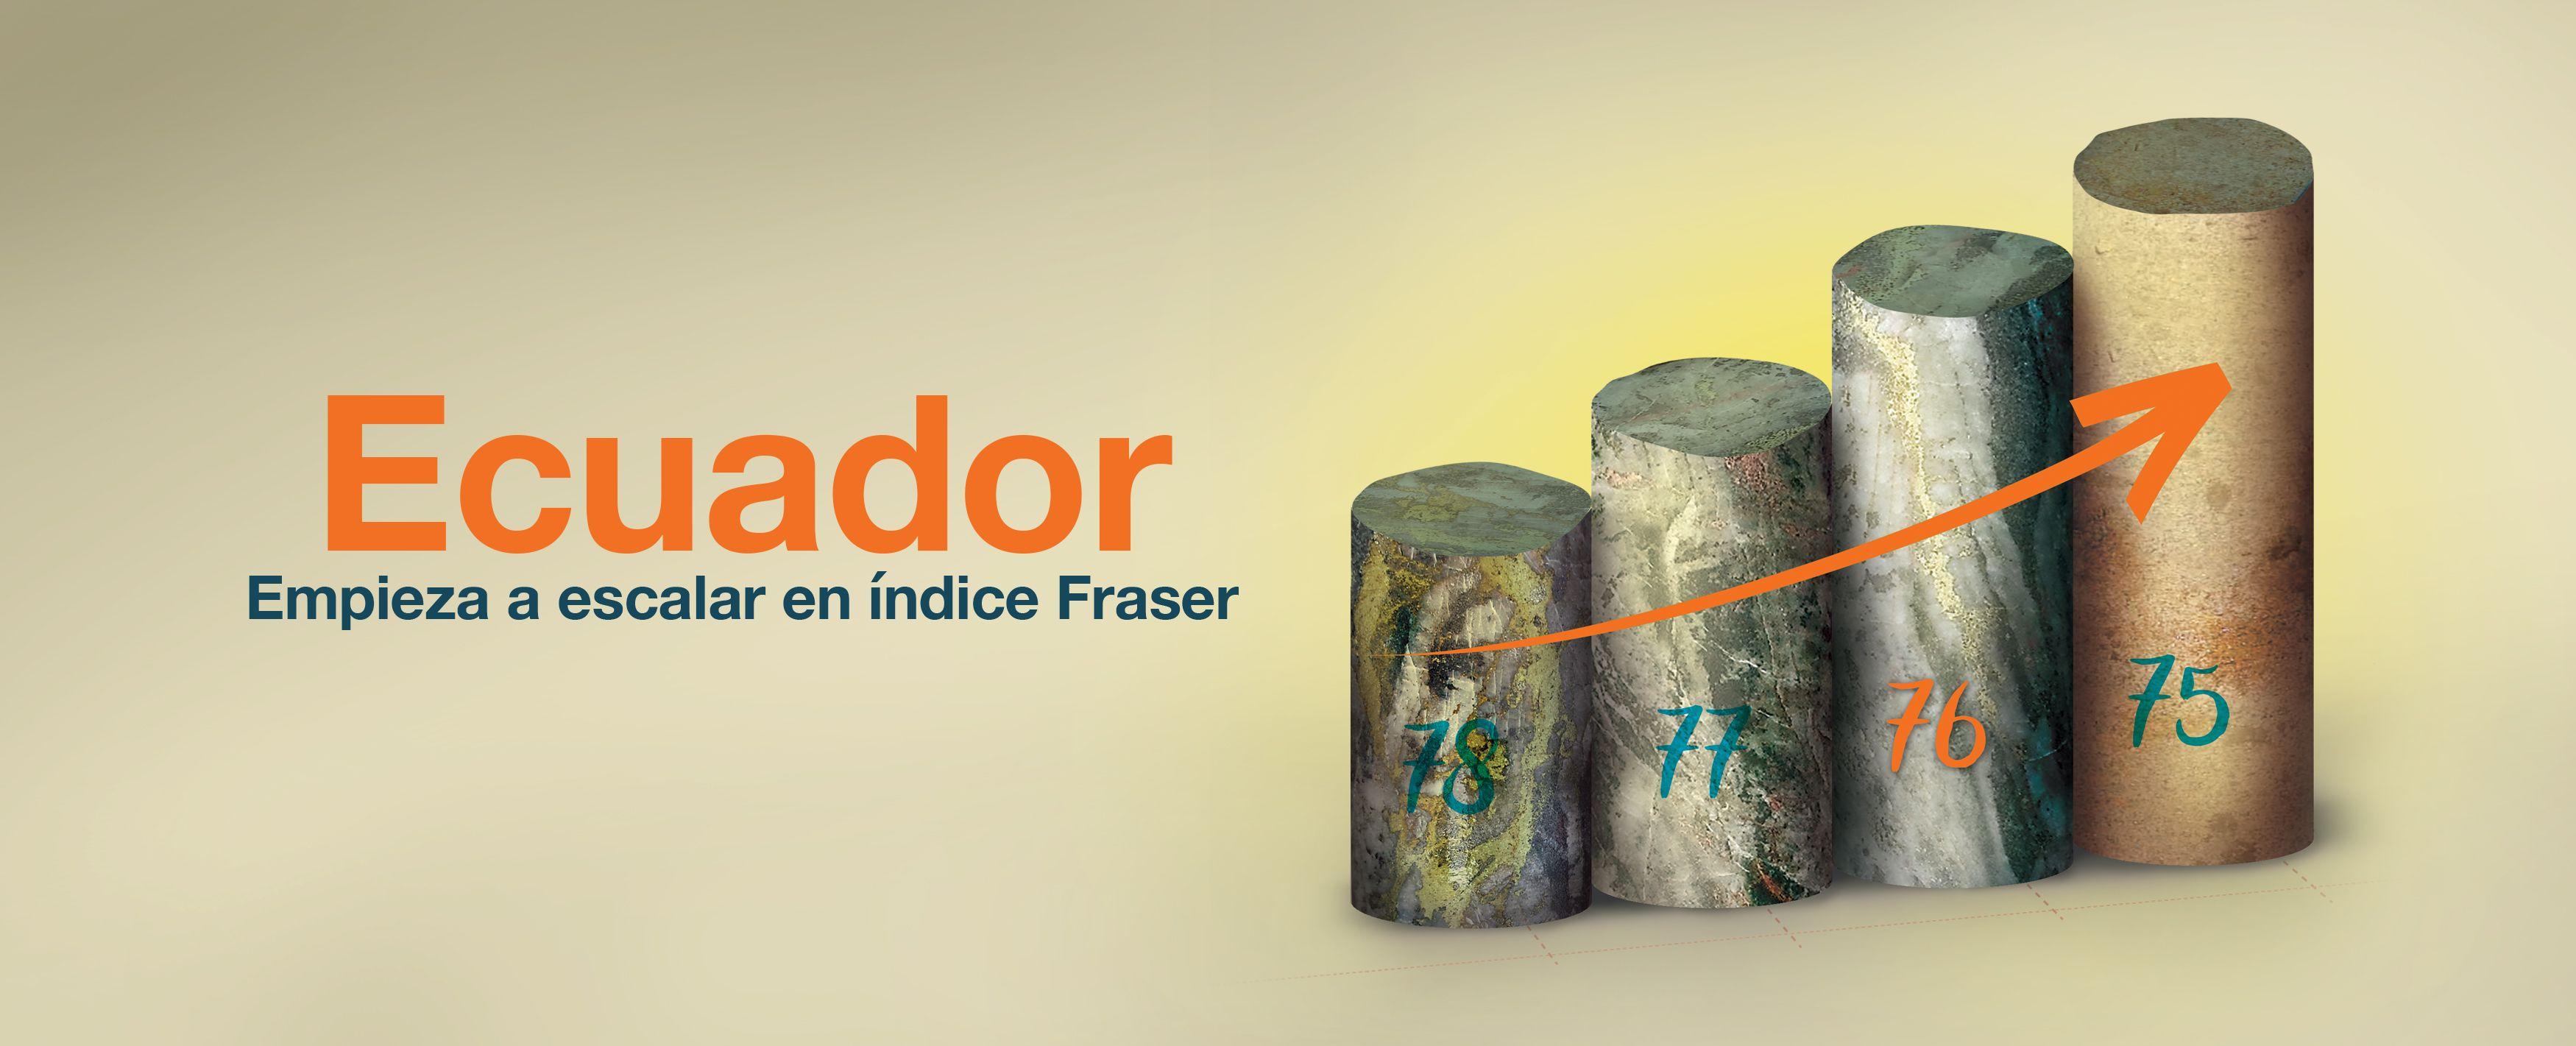 Ecuador empieza a trepar en el índice Fraser